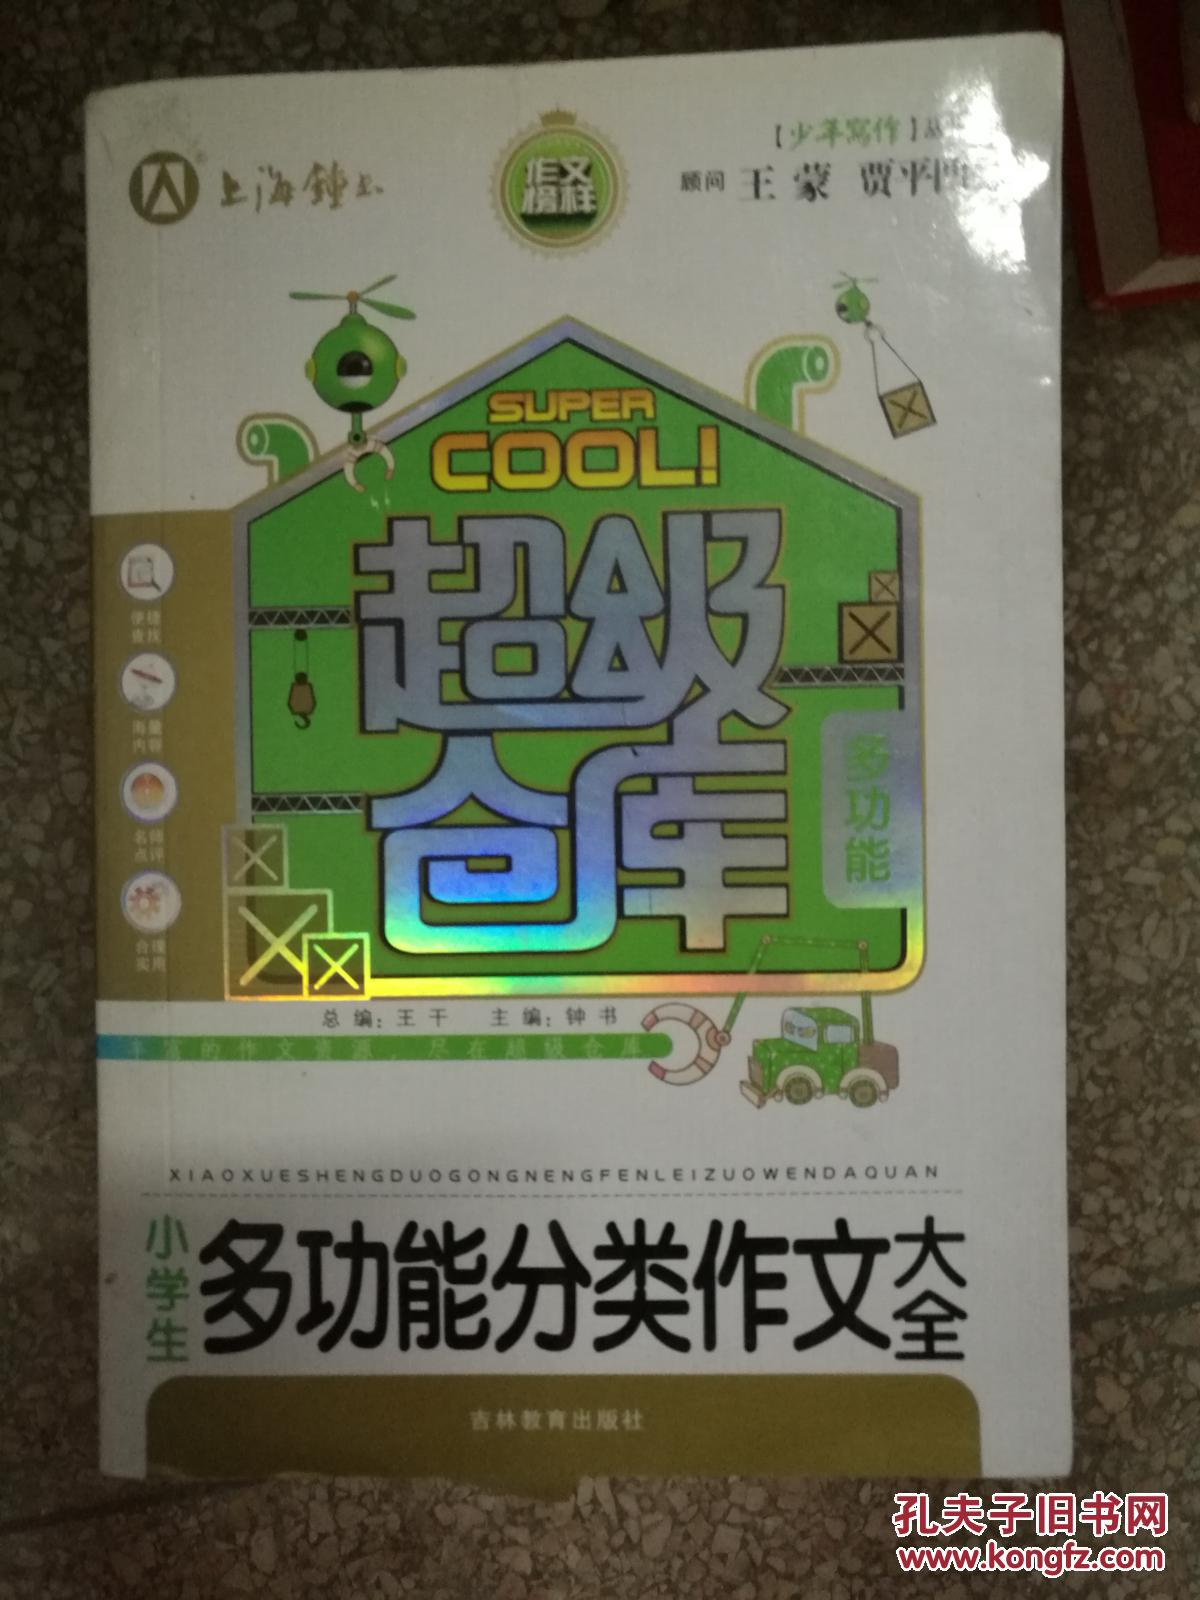 【图】美国高中生金奖作文新品郎说明要求申请吗中国成绩高中图片